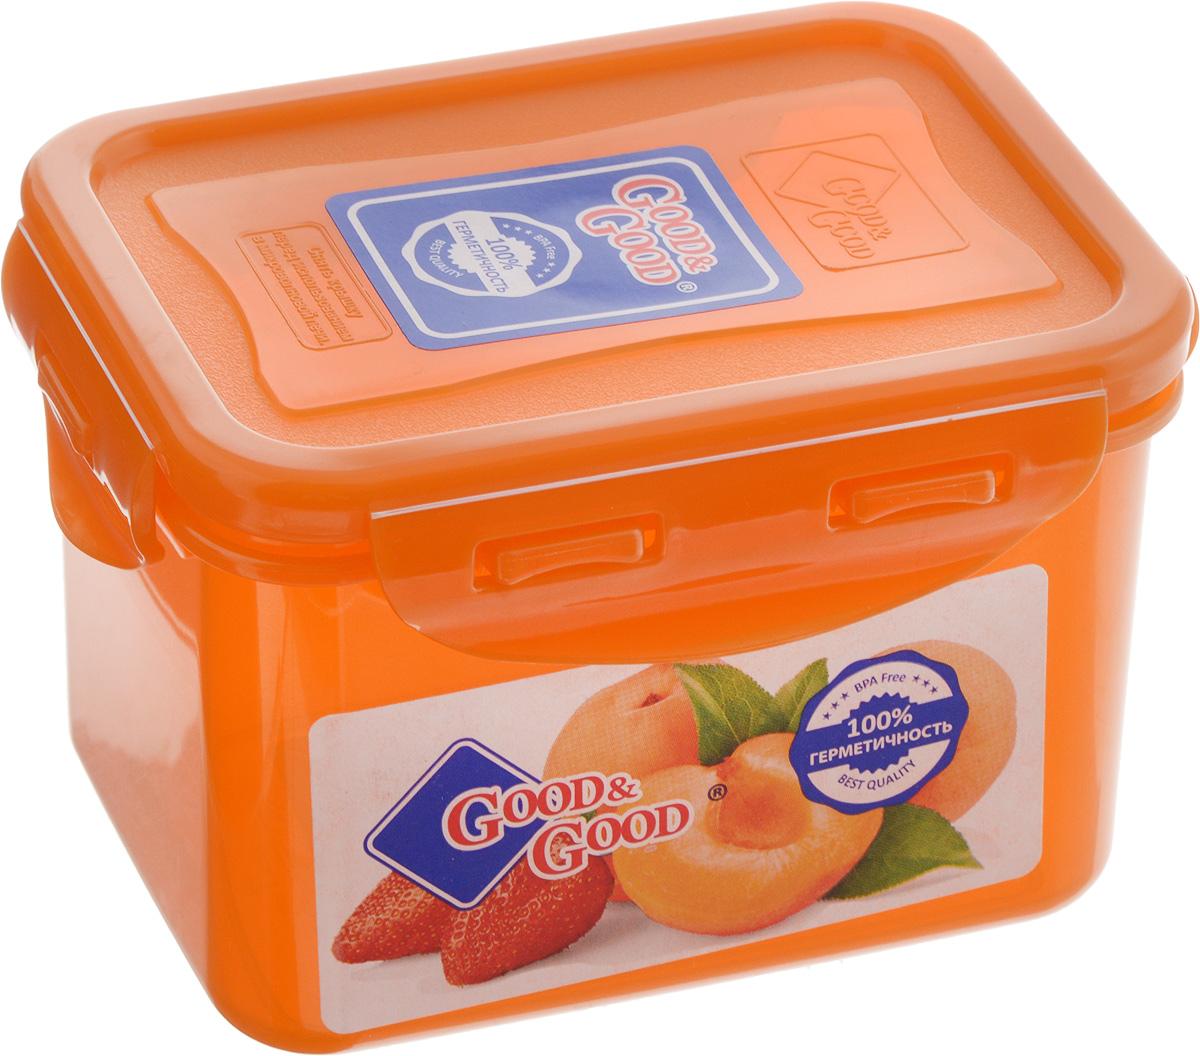 Контейнер пищевой Good&Good, цвет: оранжевый, 630 мл02-2/COLORSПрямоугольный контейнер Good&Good изготовлен из высококачественного полипропилена и предназначен для хранения любых пищевых продуктов. Благодаря особым технологиям изготовления, лотки в течение времени службы не меняют цвет и не пропитываются запахами. Крышка с силиконовой вставкой герметично защелкивается специальным механизмом. Контейнер Good&Good удобен для ежедневного использования в быту. Можно мыть в посудомоечной машине и использовать в микроволновой печи. Размер контейнера (с учетом крышки): 13 х 10 х 8,5 см.